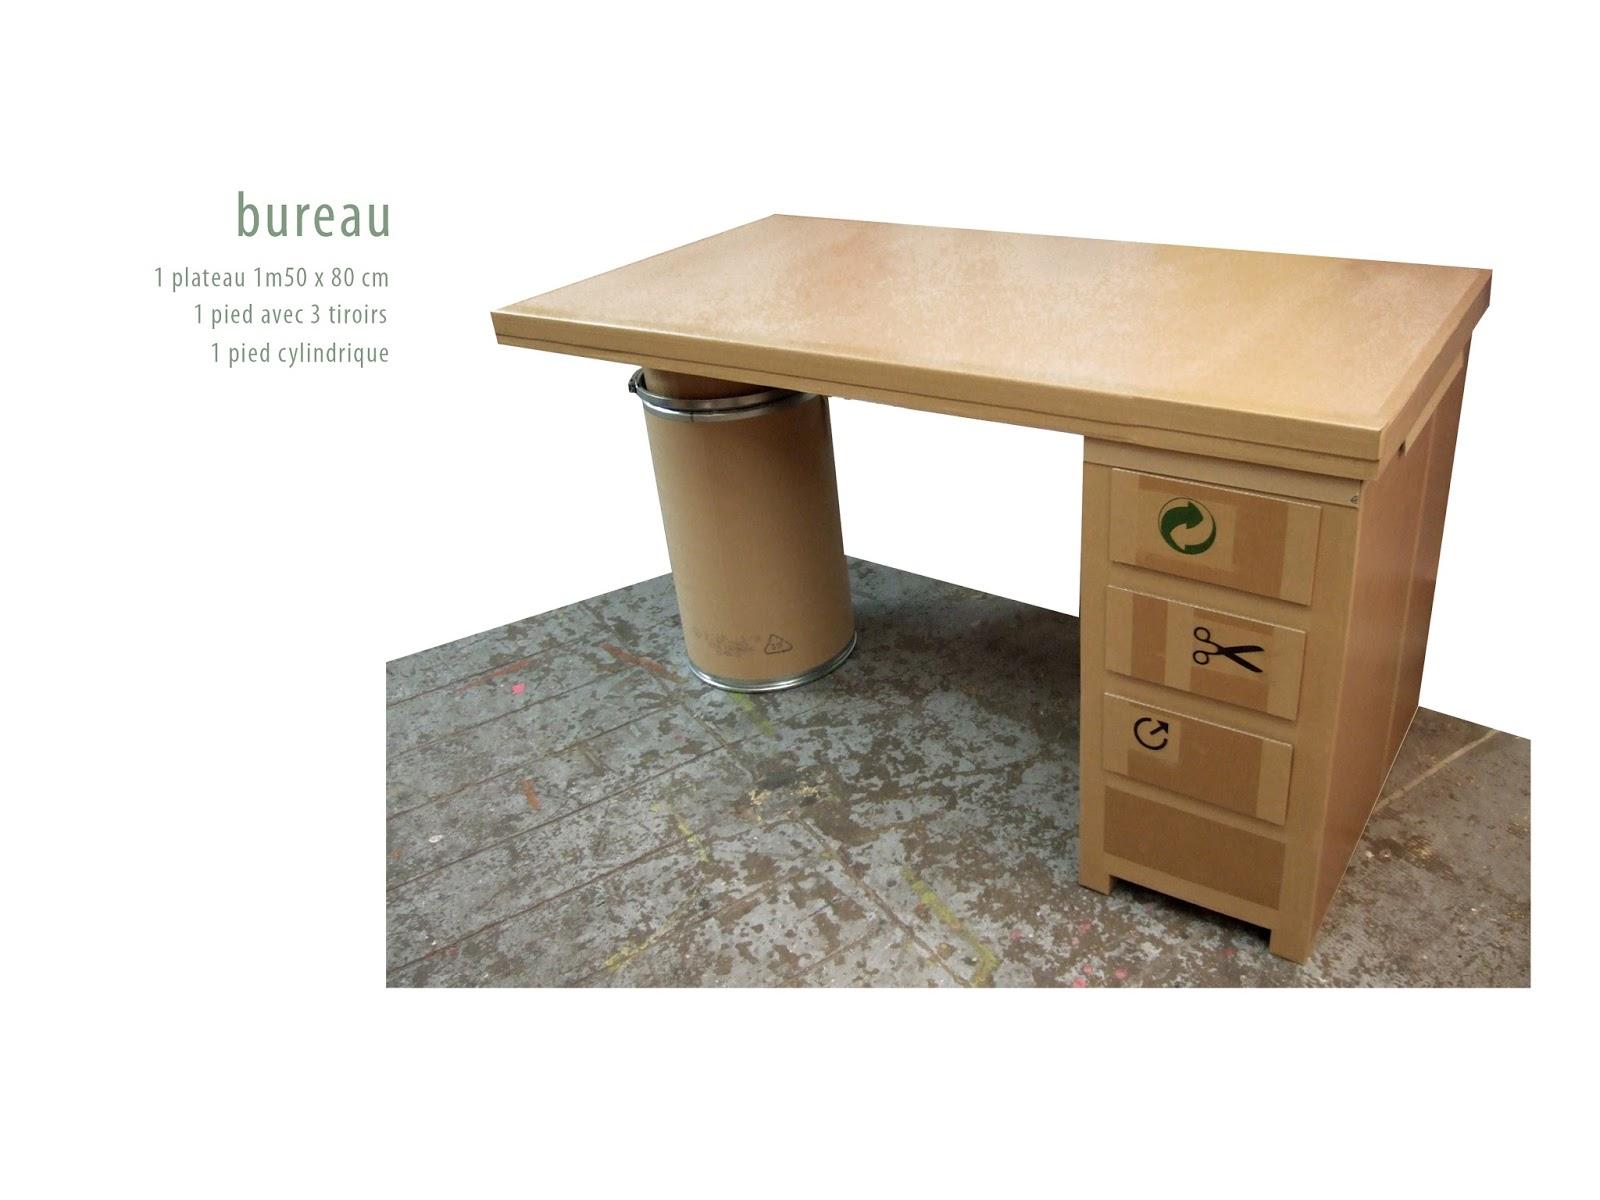 Relativ juliadesign: meuble en carton, bureaux OO98